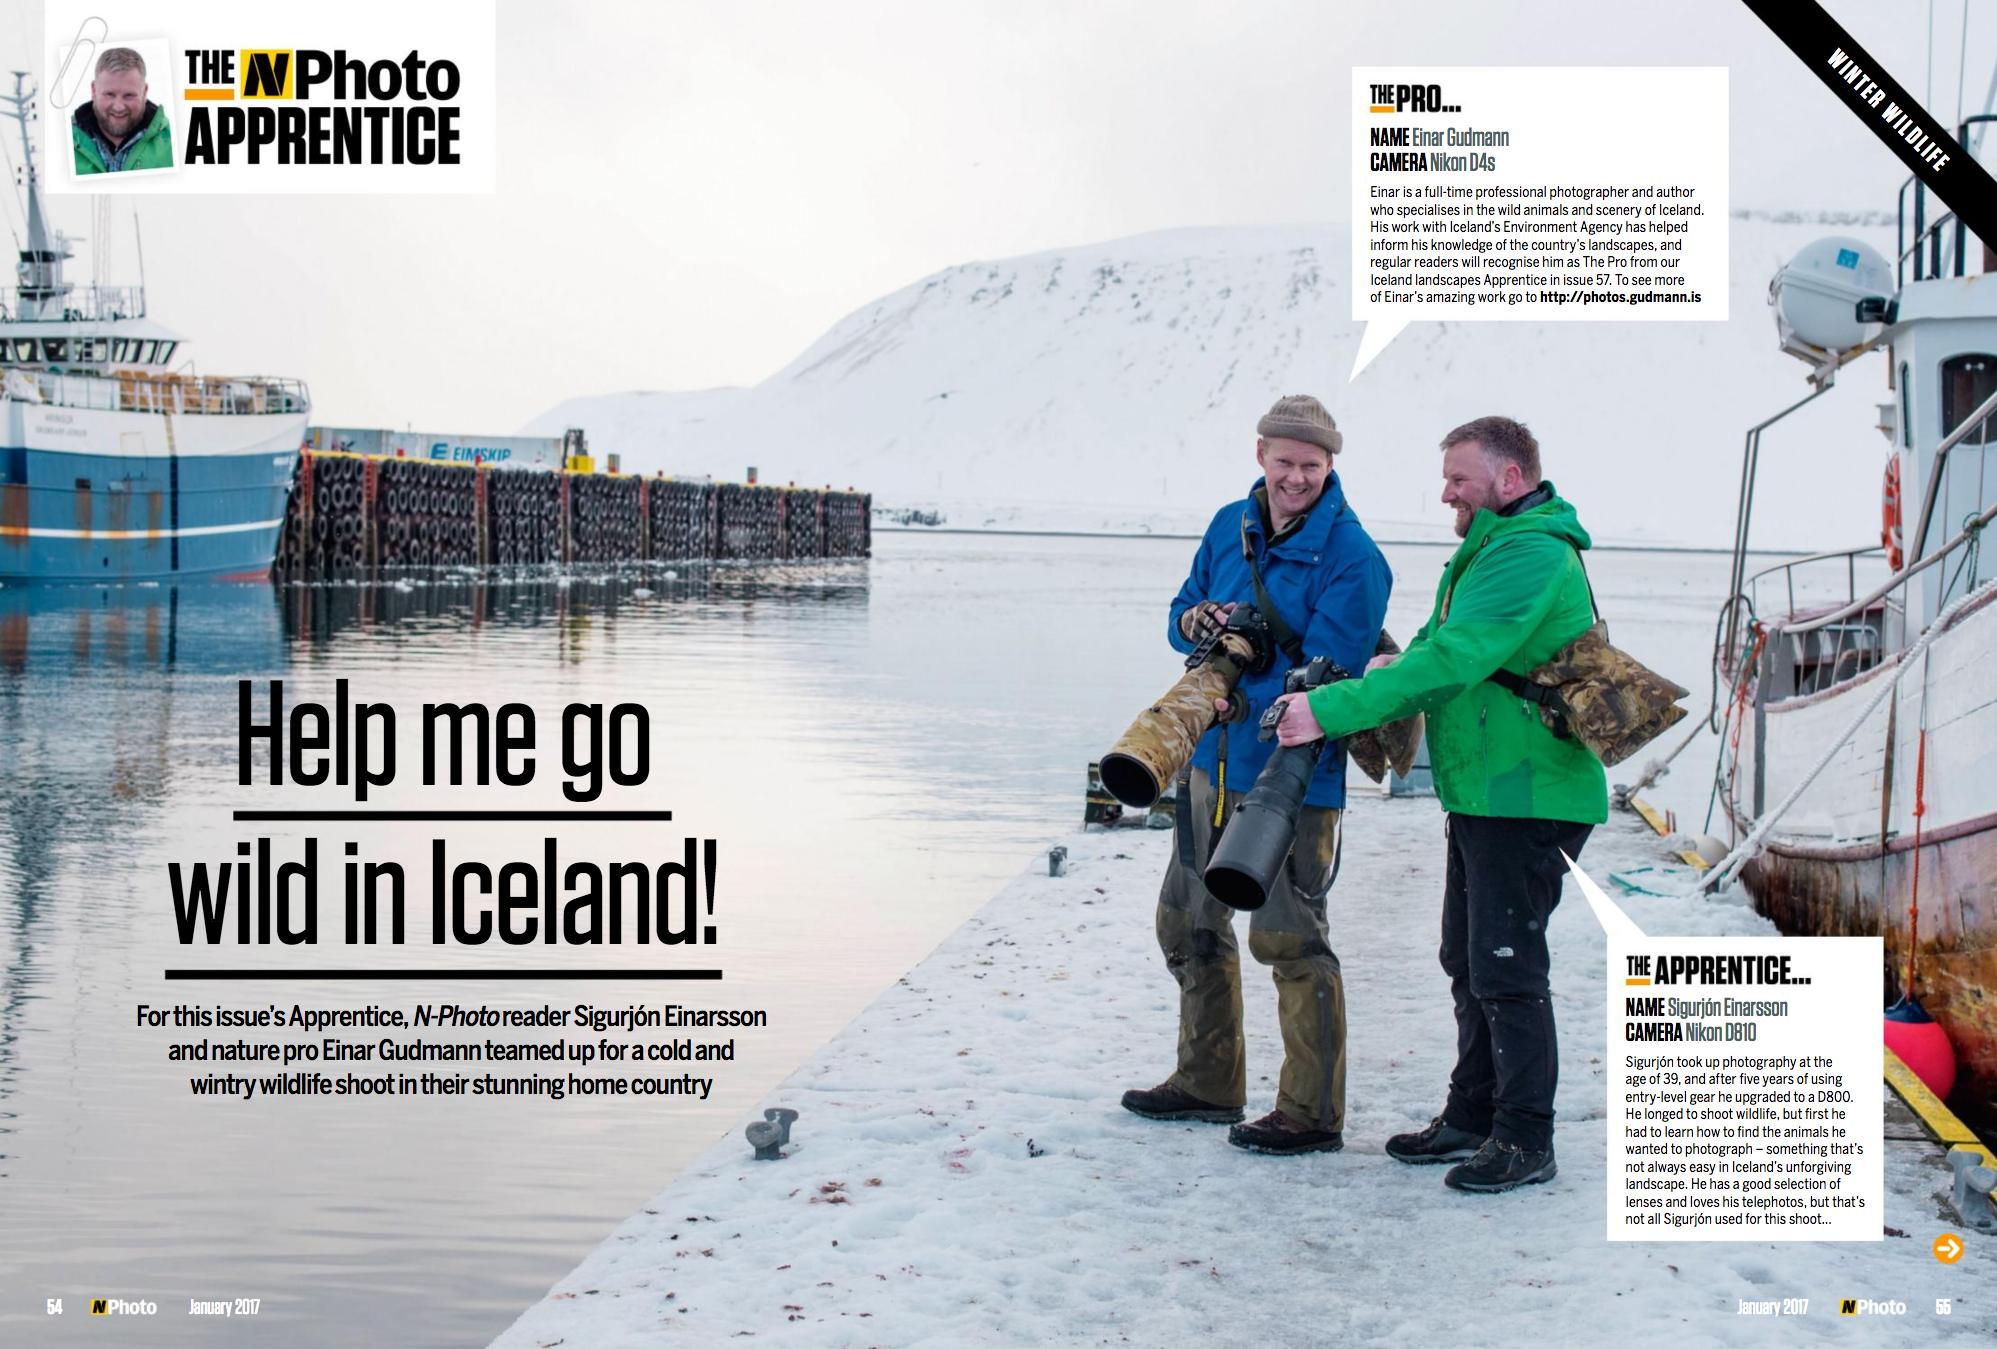 Nphoto - go wild in Iceland - Einar Gudmann